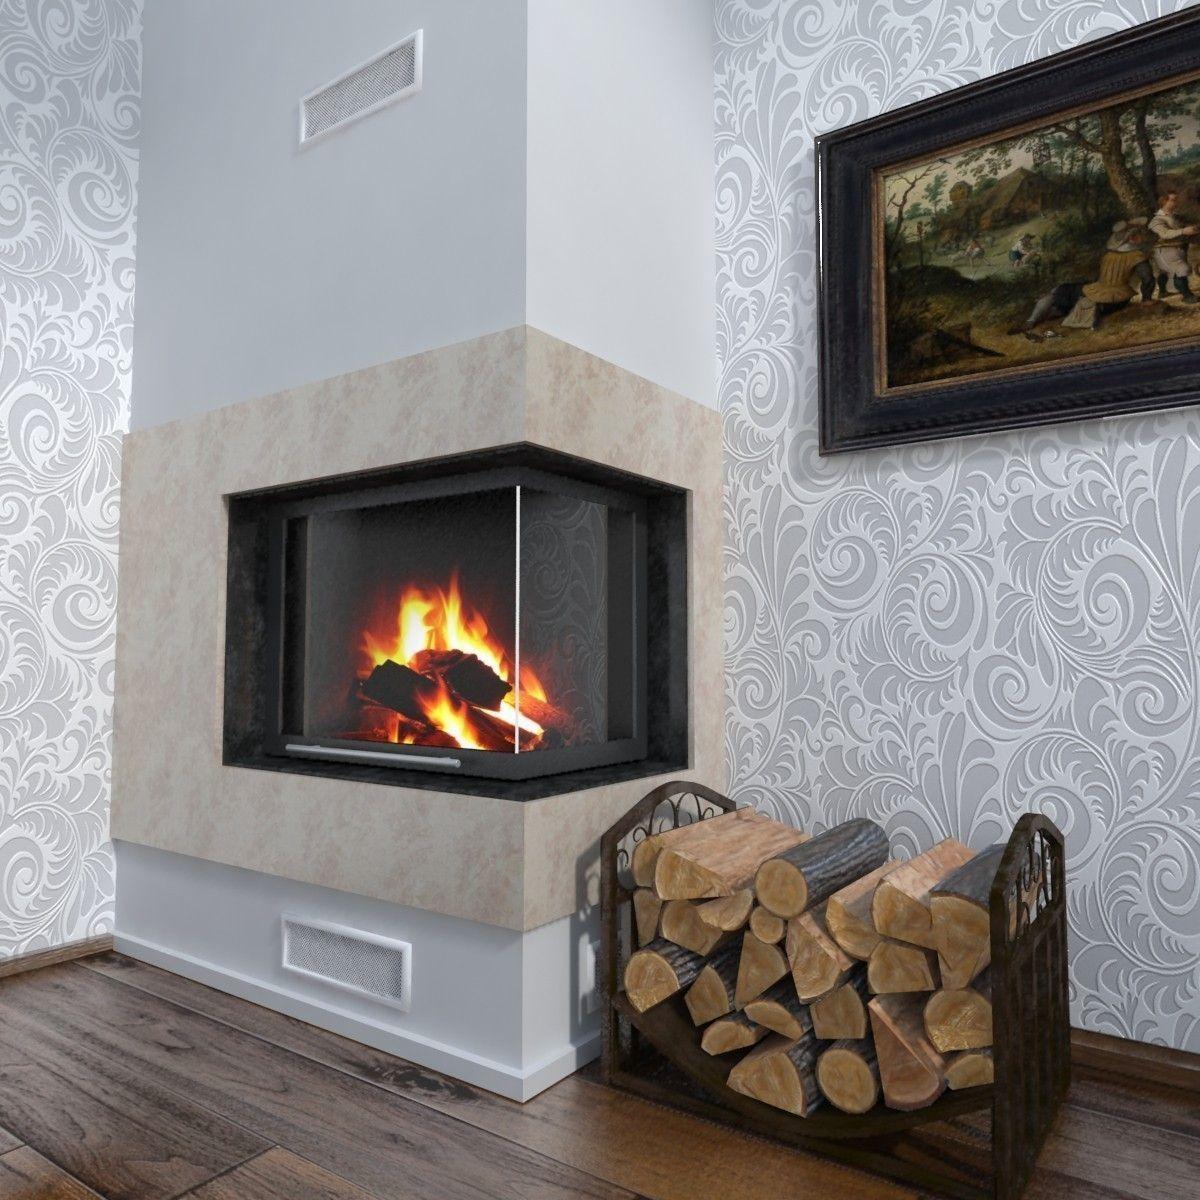 fireplace corner 3d model max obj 3ds fbx mtl cgtrader